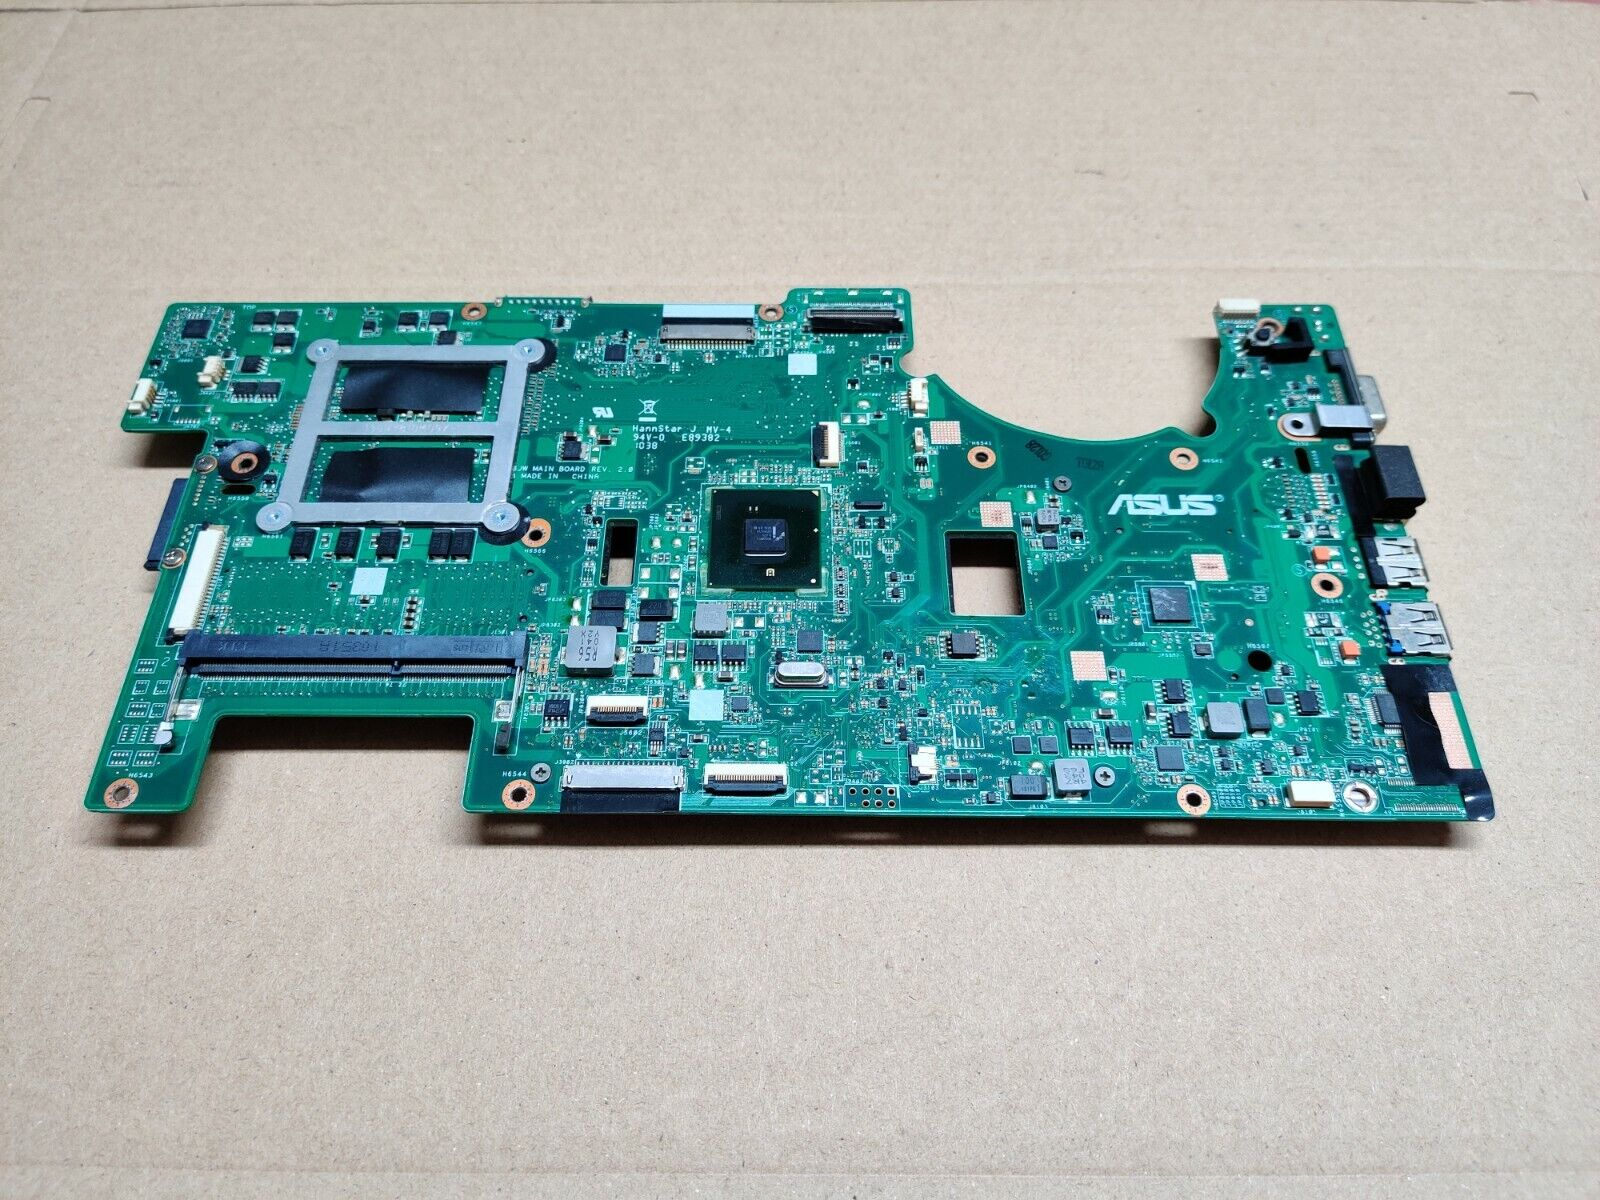 ASUS ROG G73JW Motherboard 60-N0UMB1000-D06 N0AS10444MB0048374